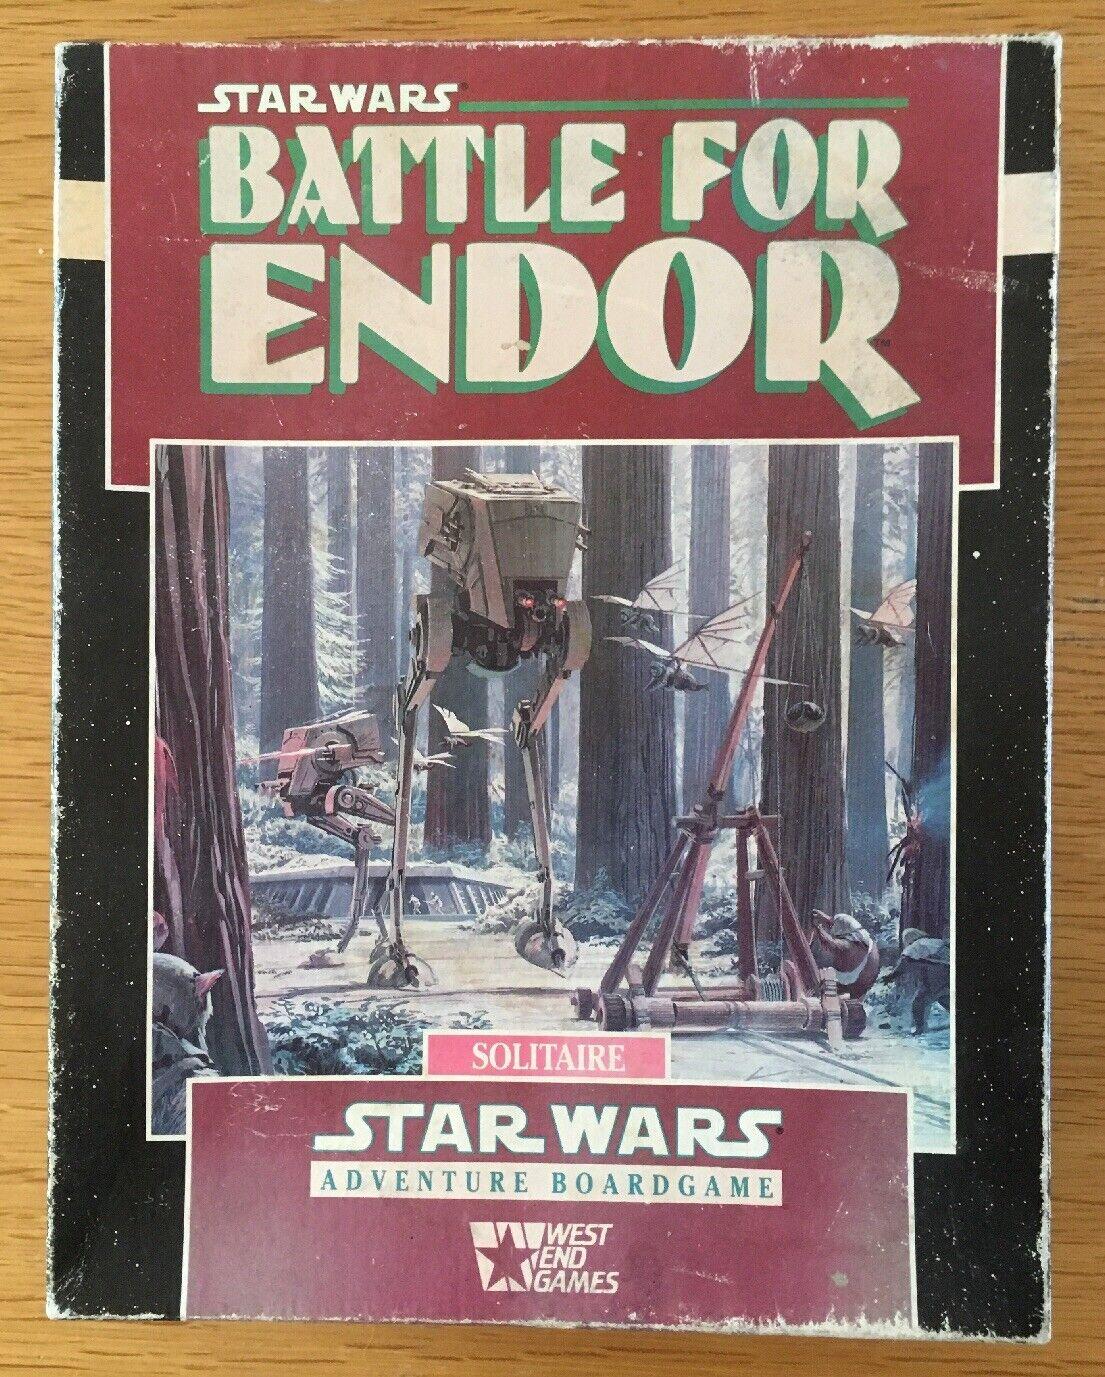 West End Juegos Estrella Wars batalla por Endor 40206 Aventura Juego de mesa COMPLETO